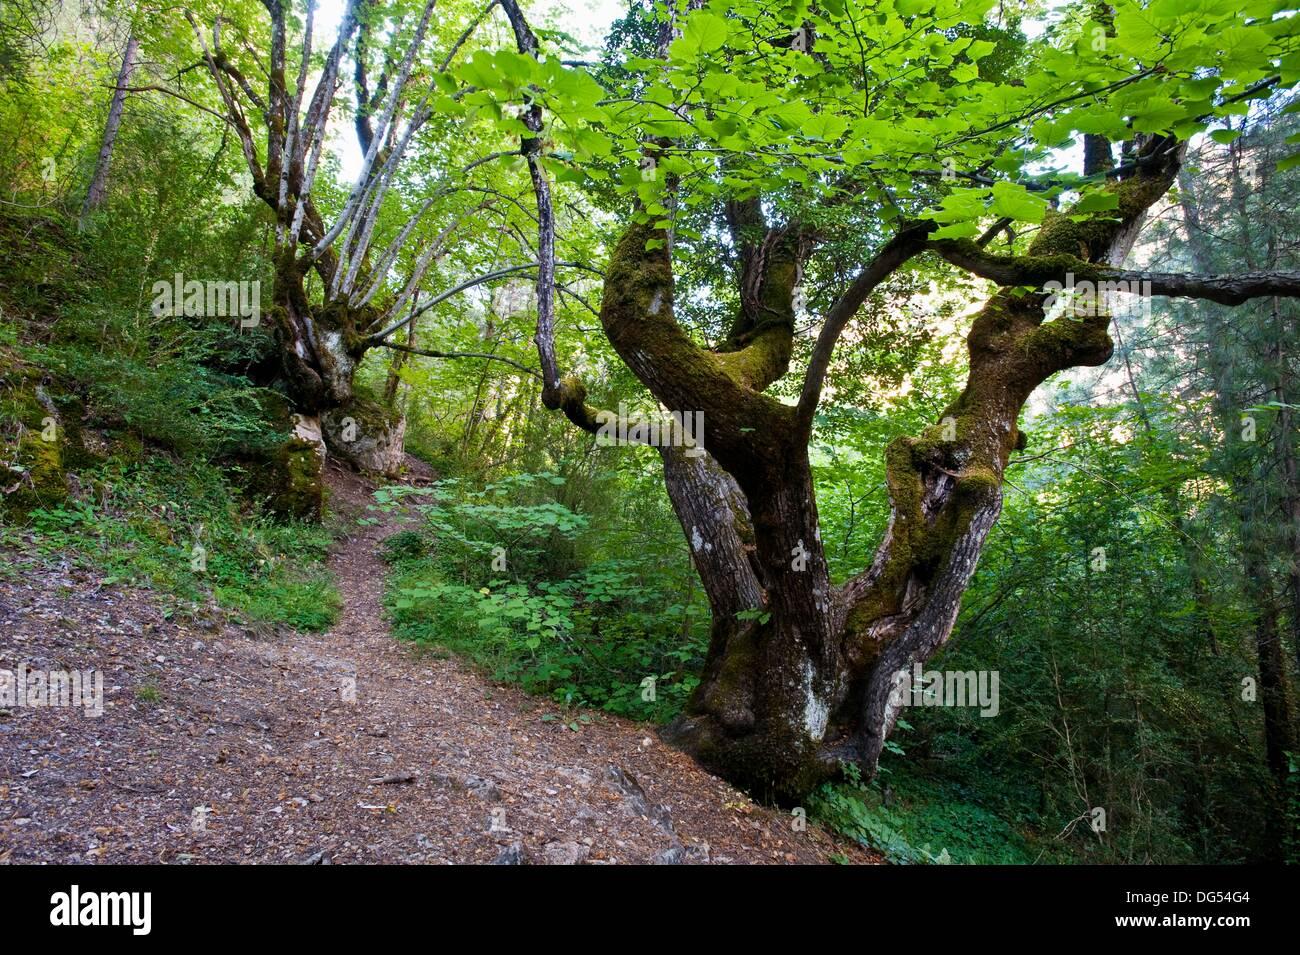 Large-leaved Linden (Tilia platyphyllos), Hoz de Beteta Natural Monument, Ruta del Mimbre, Serrania de Cuenca, Cuenca Stock Photo